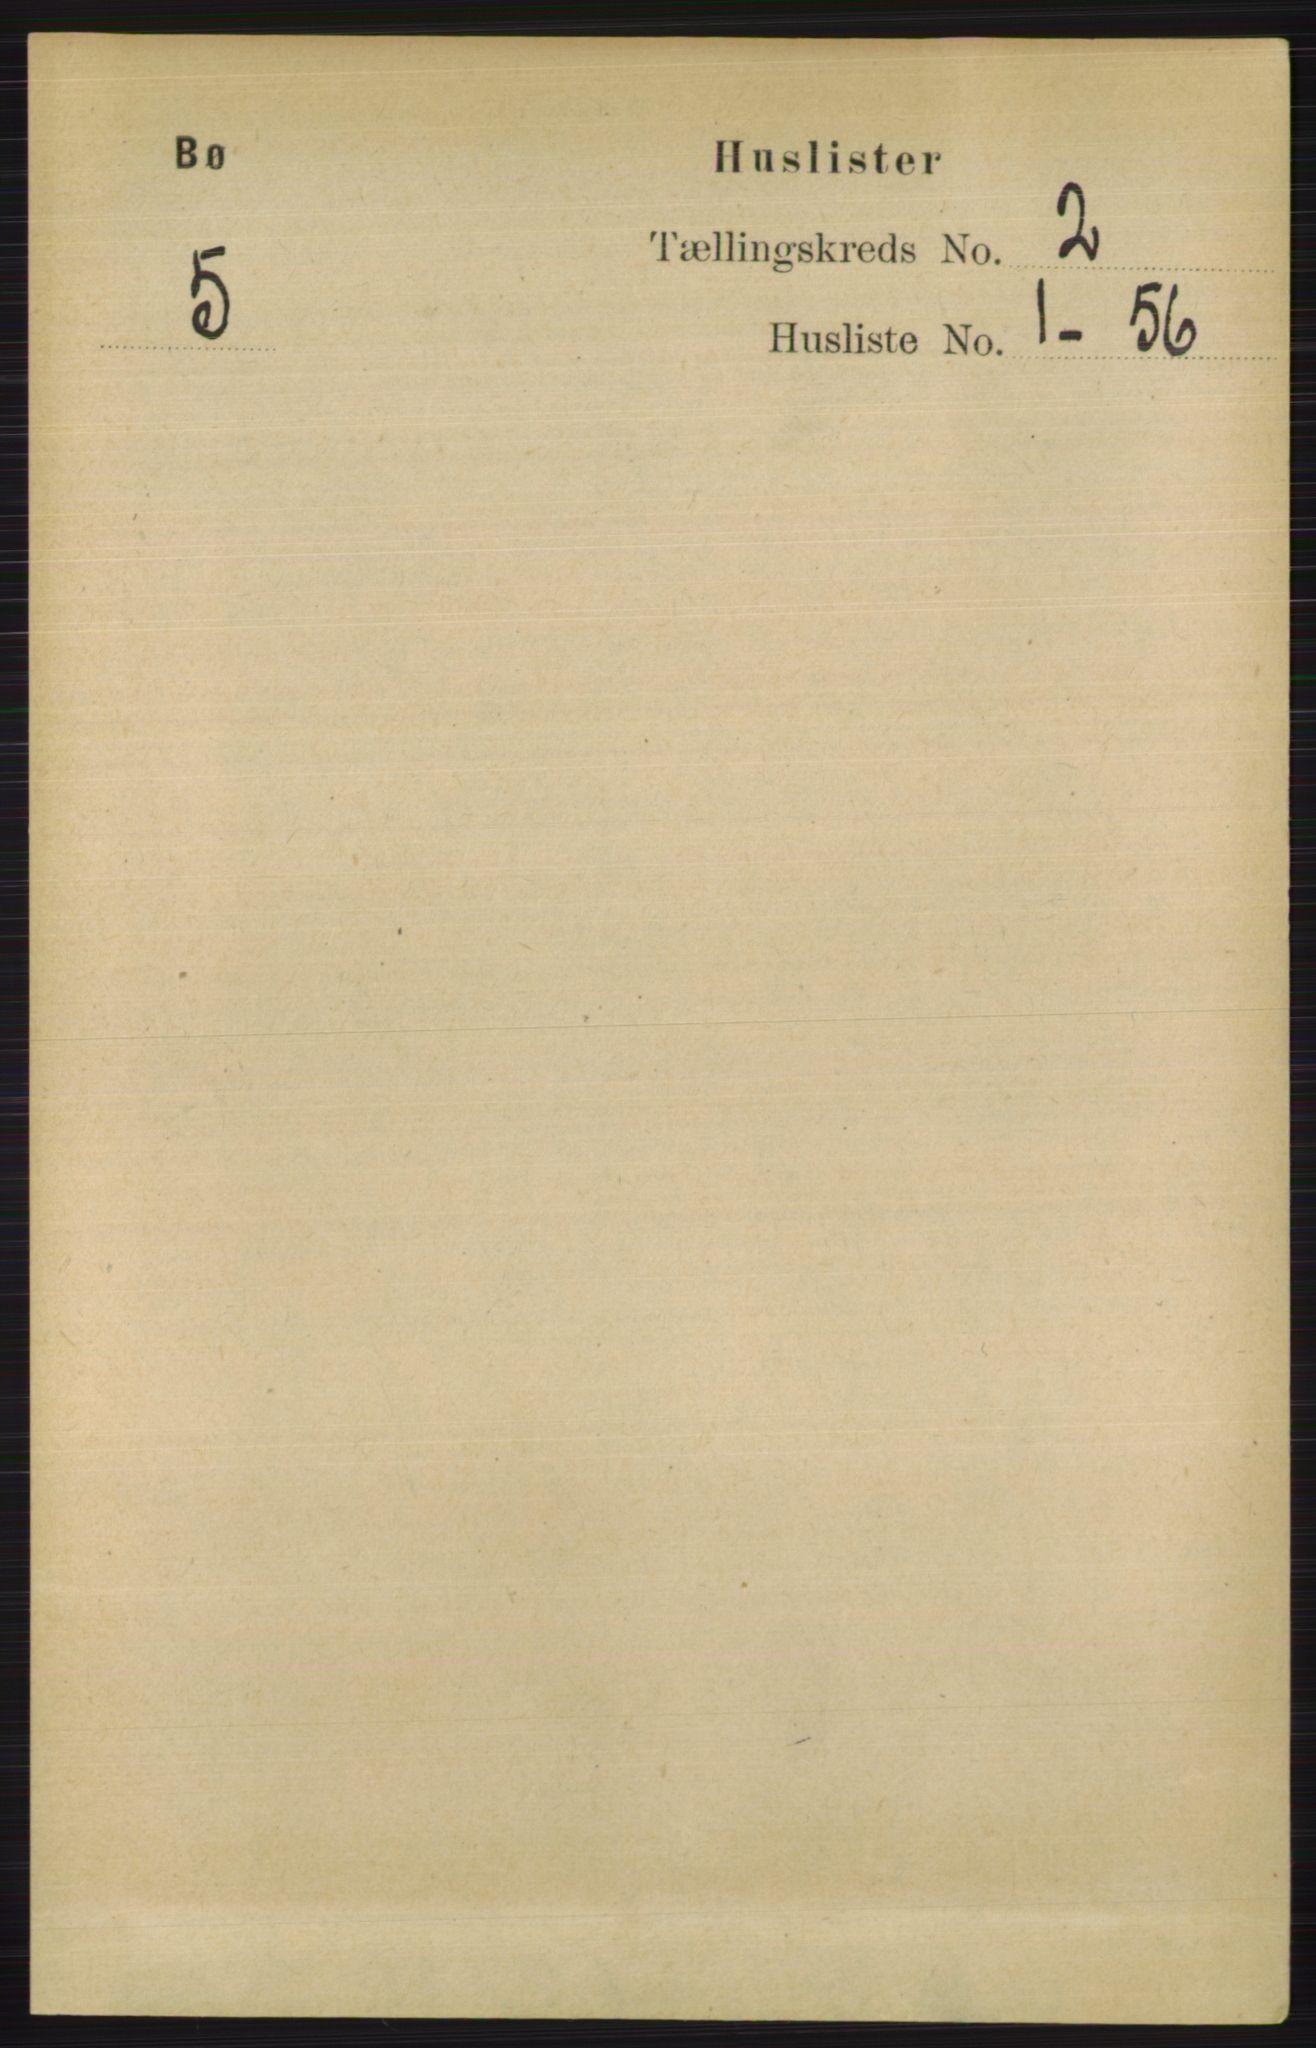 RA, Folketelling 1891 for 0821 Bø herred, 1891, s. 618